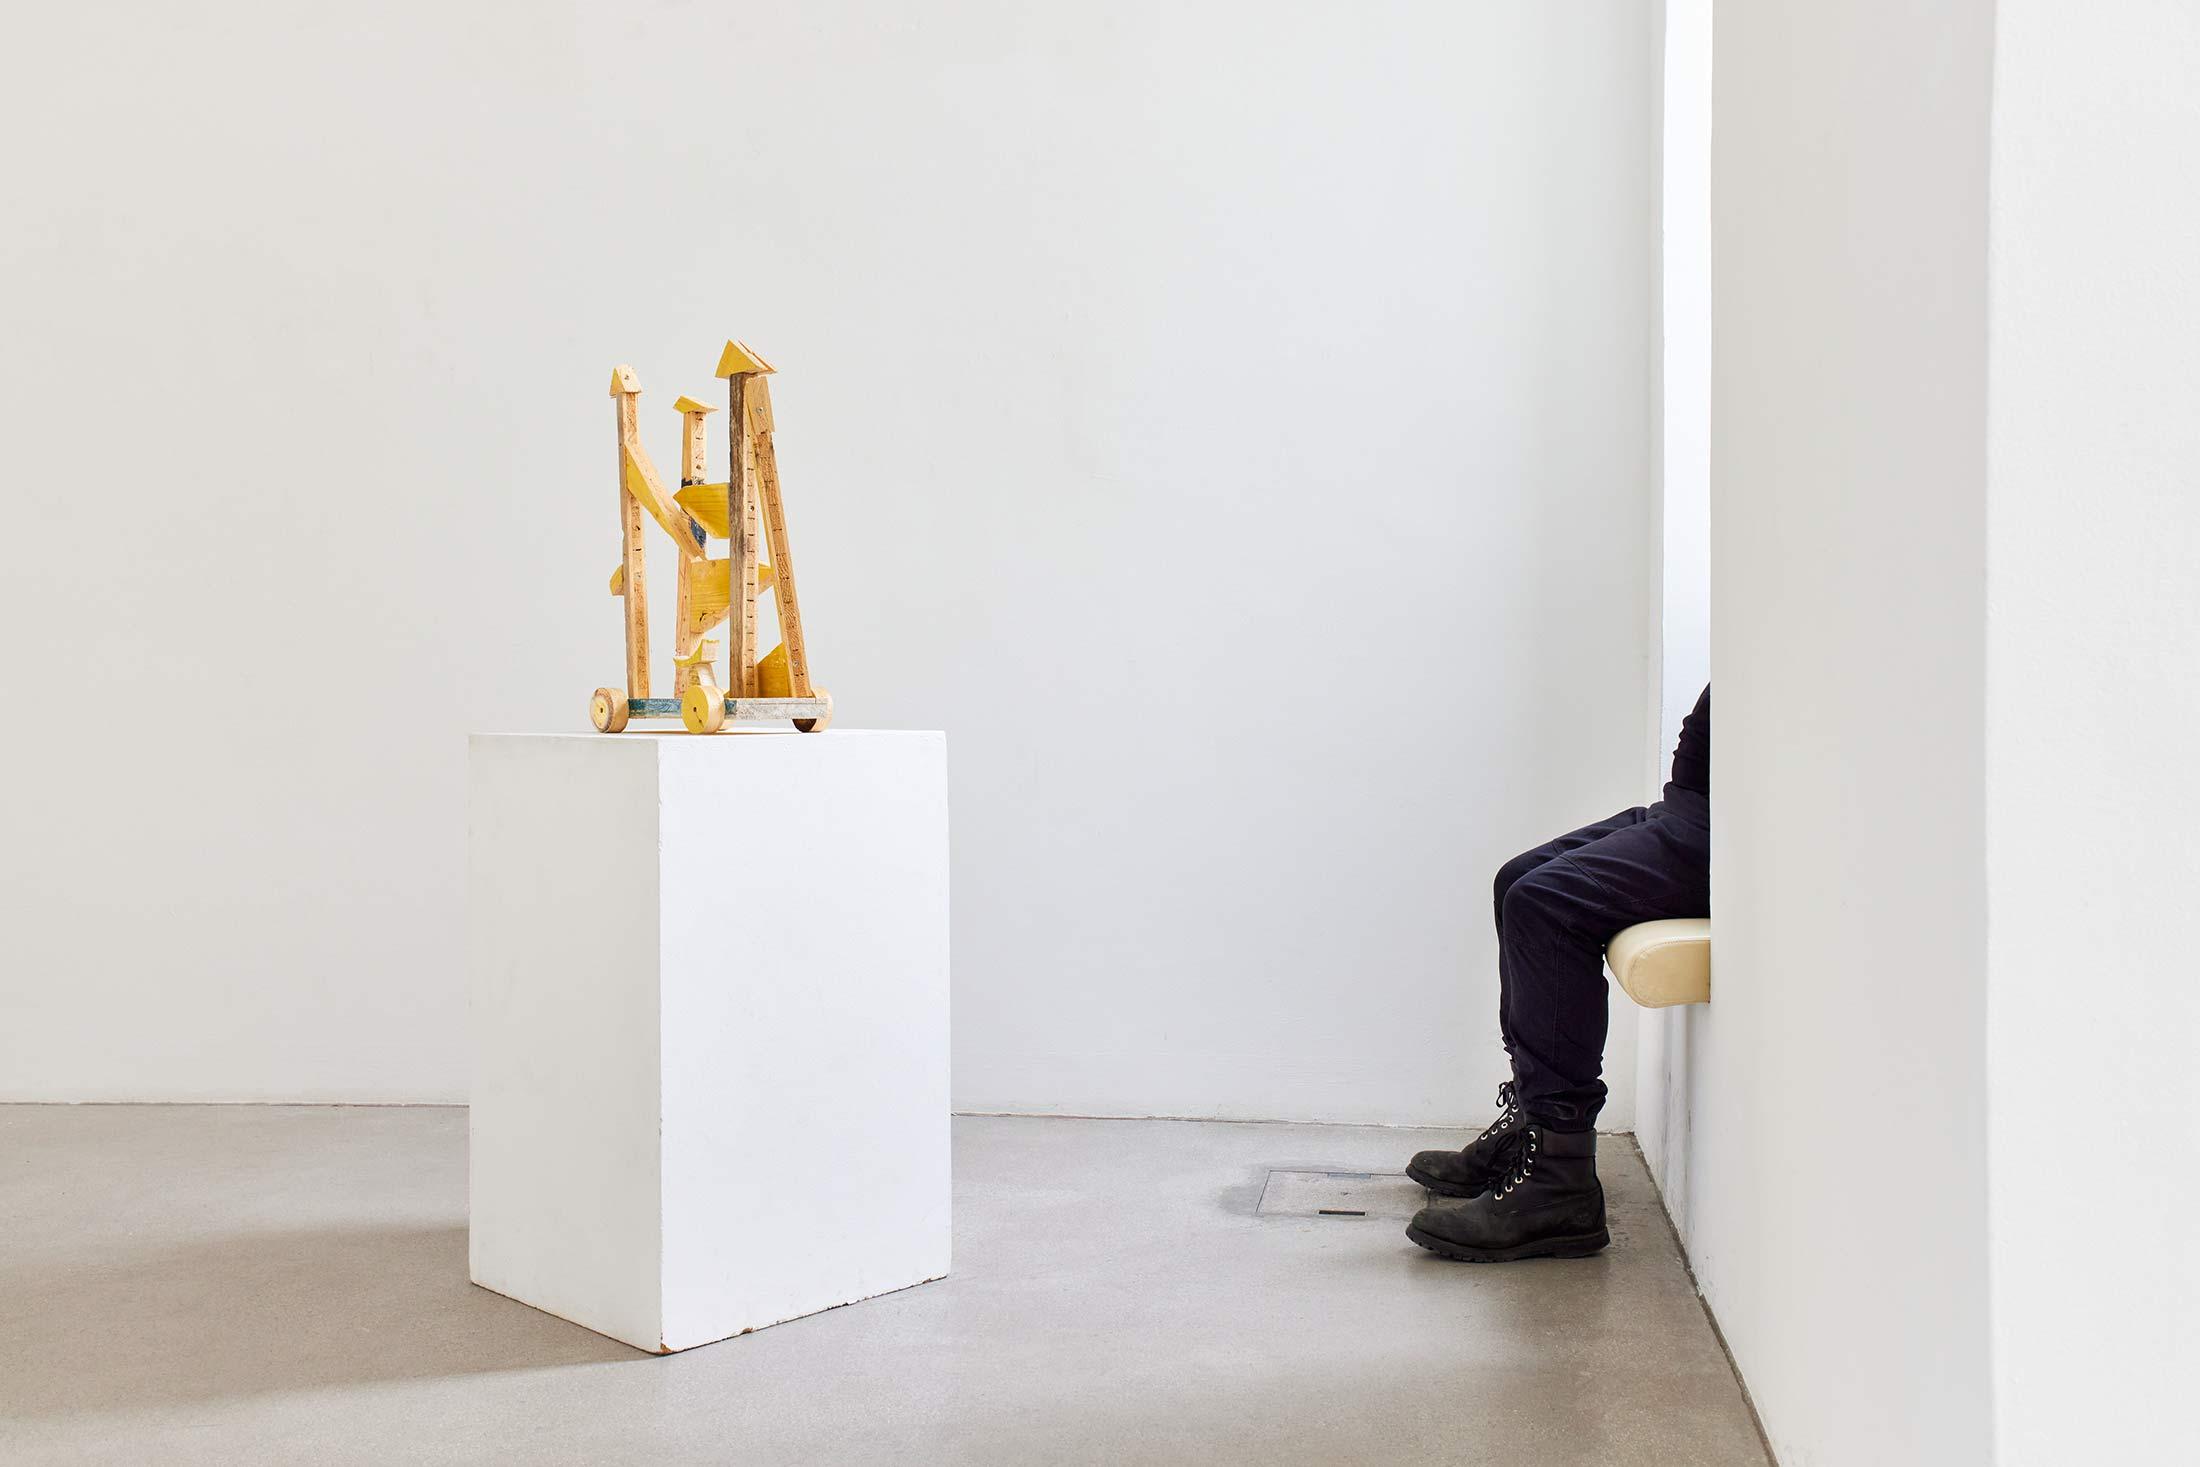 space wagon, artwork, installation view, exhibition, Raum mit Licht, ernst koslitsch